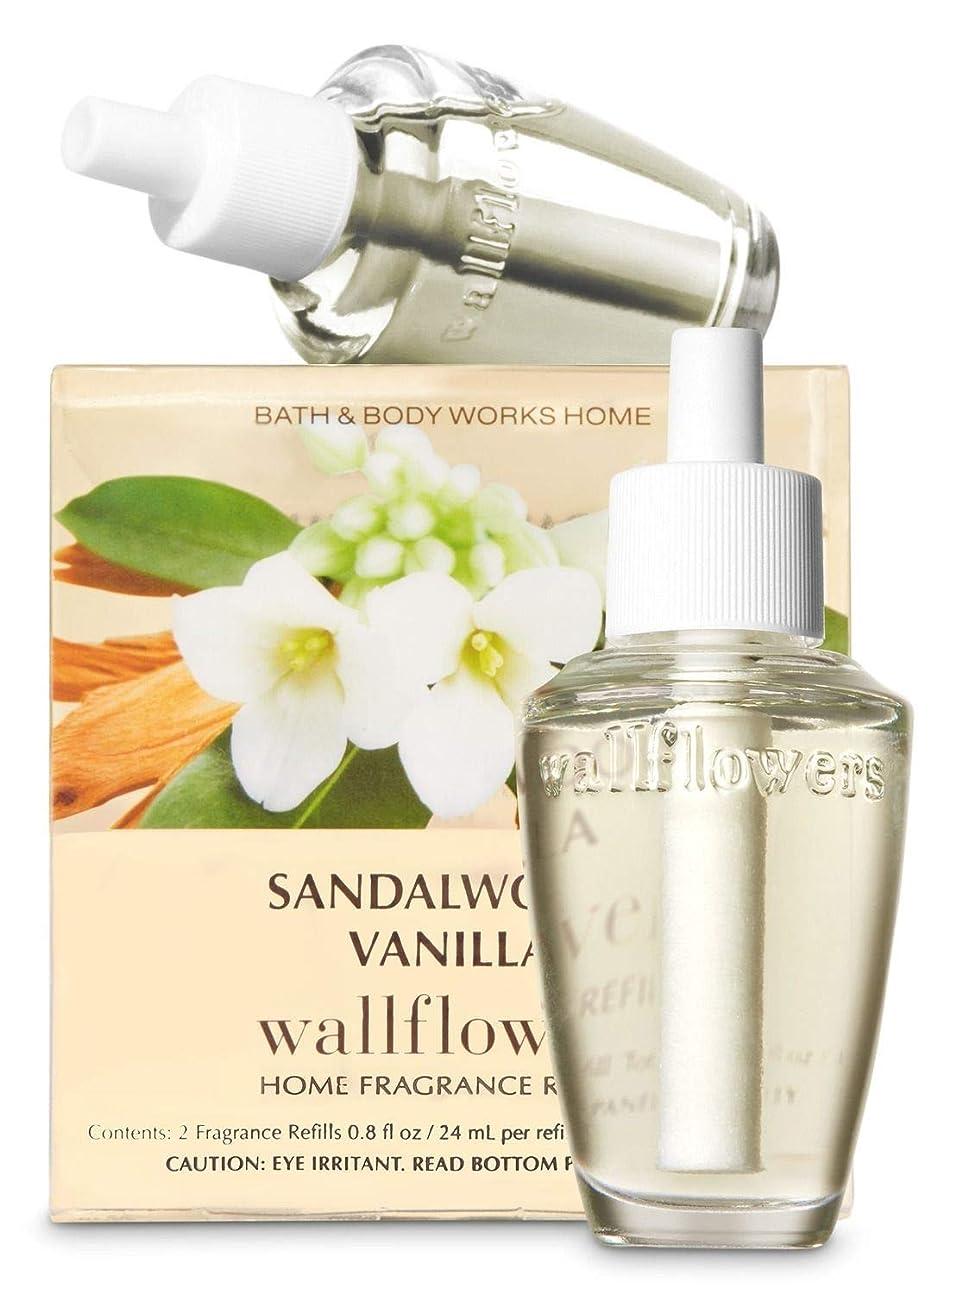 ホームレス確保するメッセンジャー【Bath&Body Works/バス&ボディワークス】 ルームフレグランス 詰替えリフィル(2個入り) サンダルウッドバニラ Wallflowers Home Fragrance 2-Pack Refills Sandalwood Vanilla [並行輸入品]